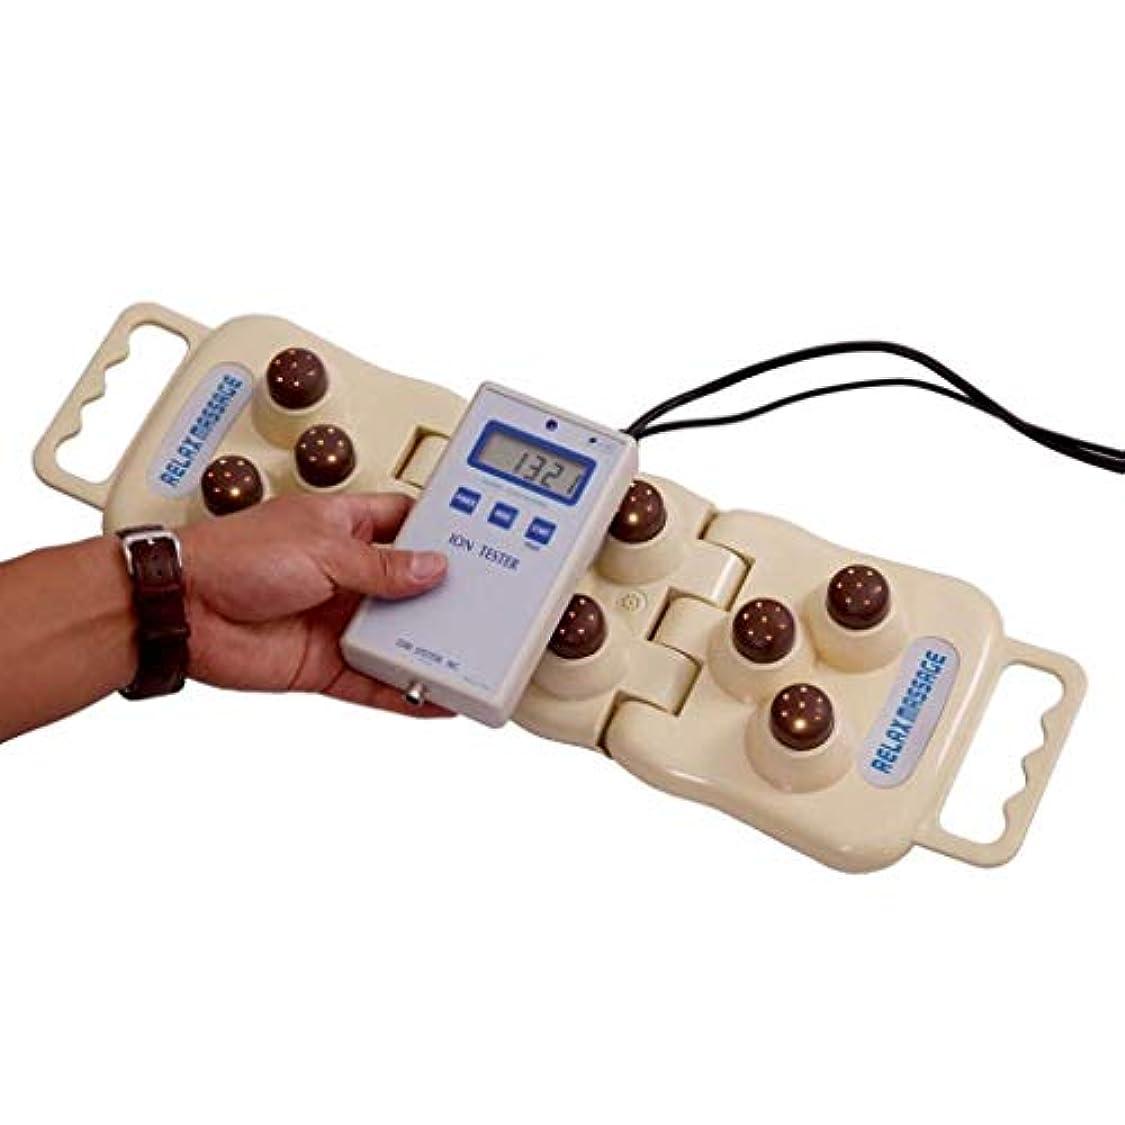 複雑忠誠ホーム電気マッサージ器、トルマリン理学療法頸椎健康機器、暖房理学療法器具、膝/肩/腰/脚マッサージ、全身ヒーターマッサージリラックス